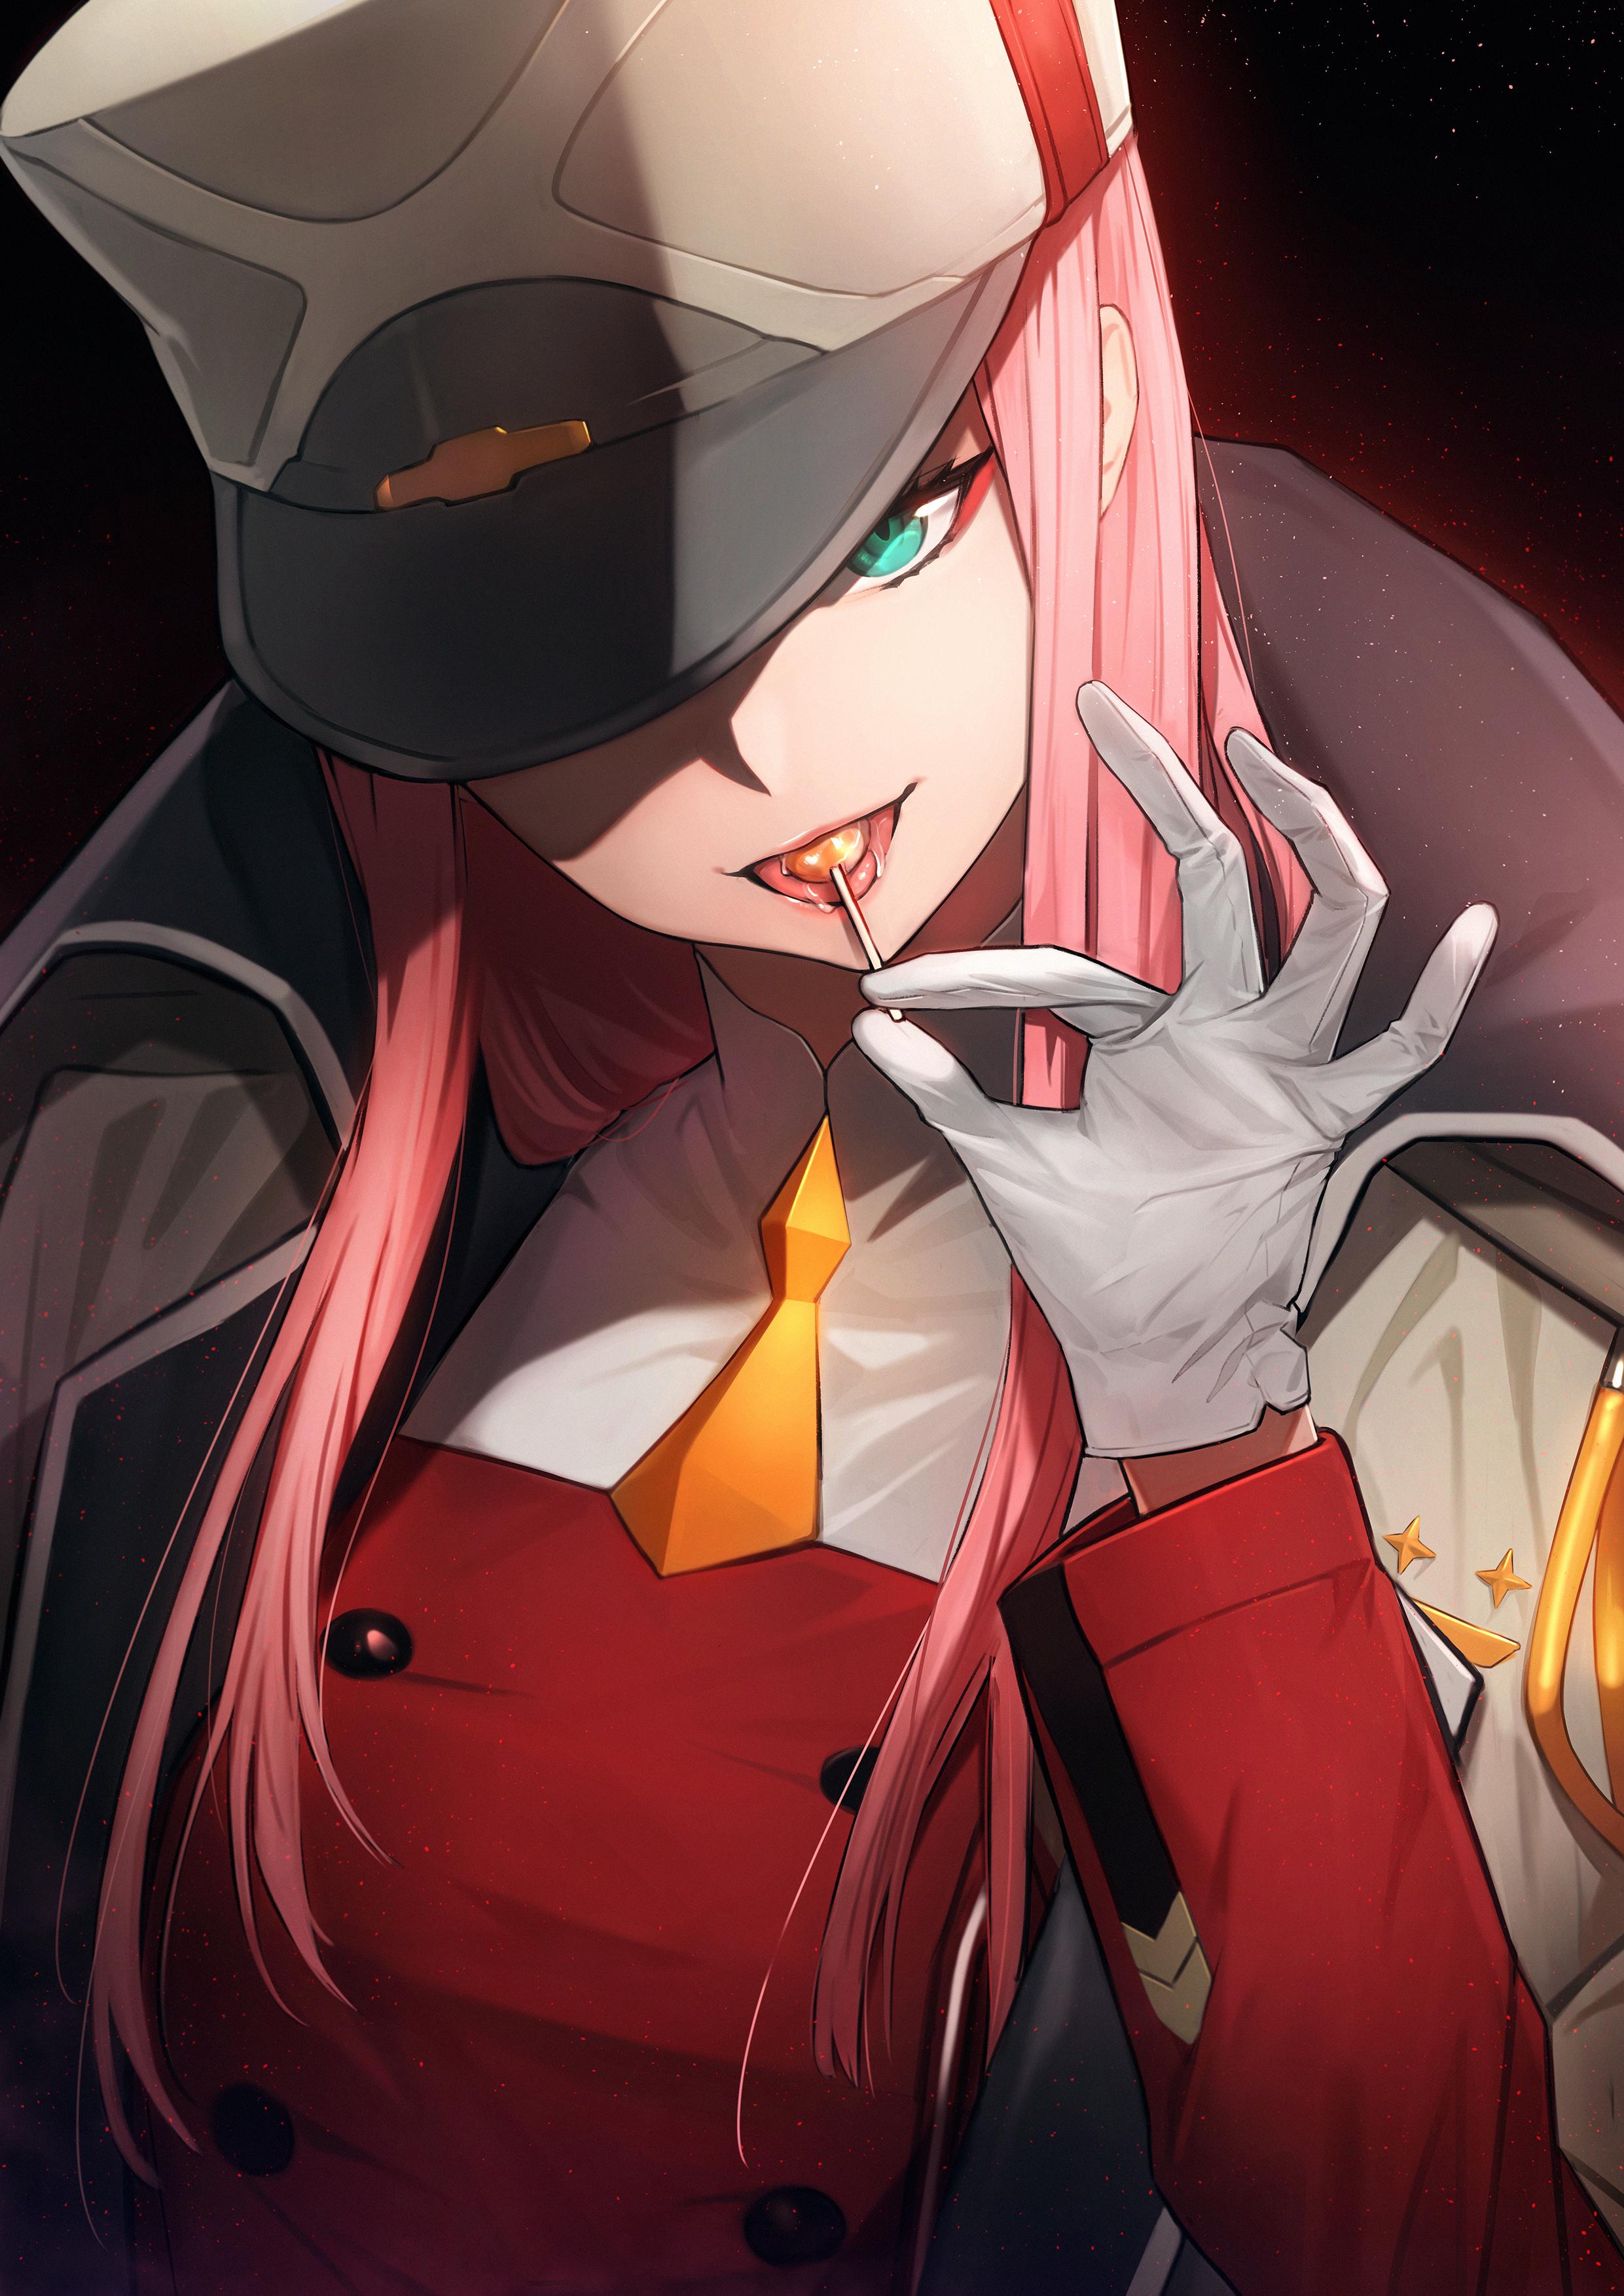 Anime zero two